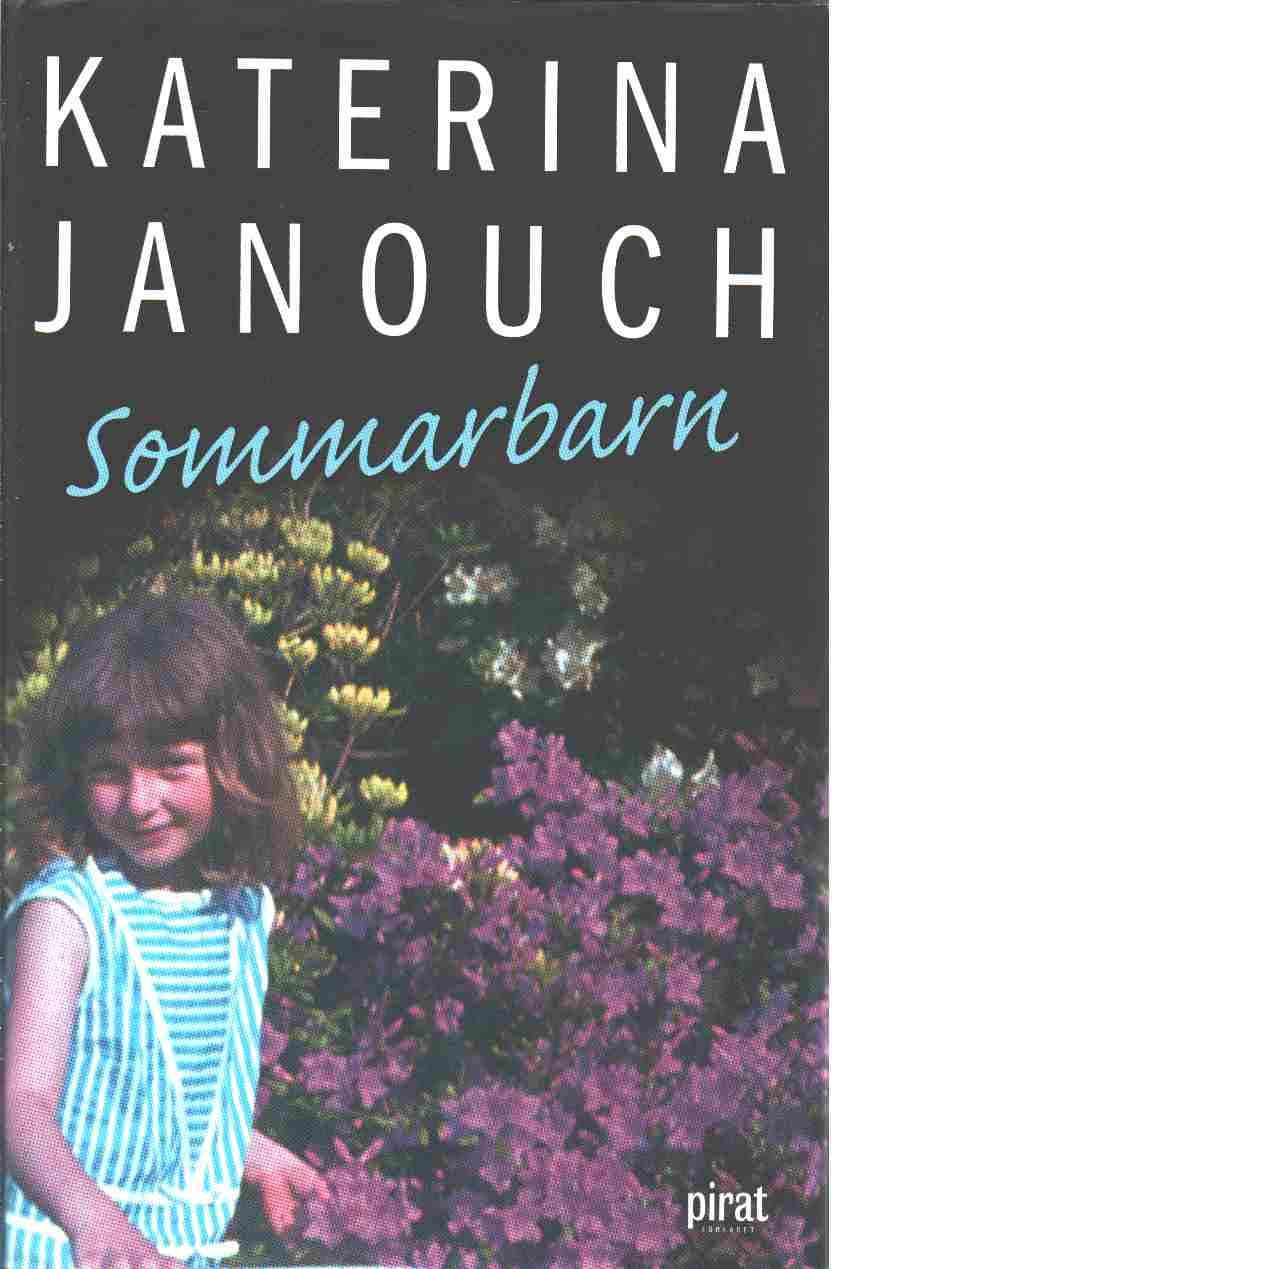 Sommarbarn - Janouch, Katerina